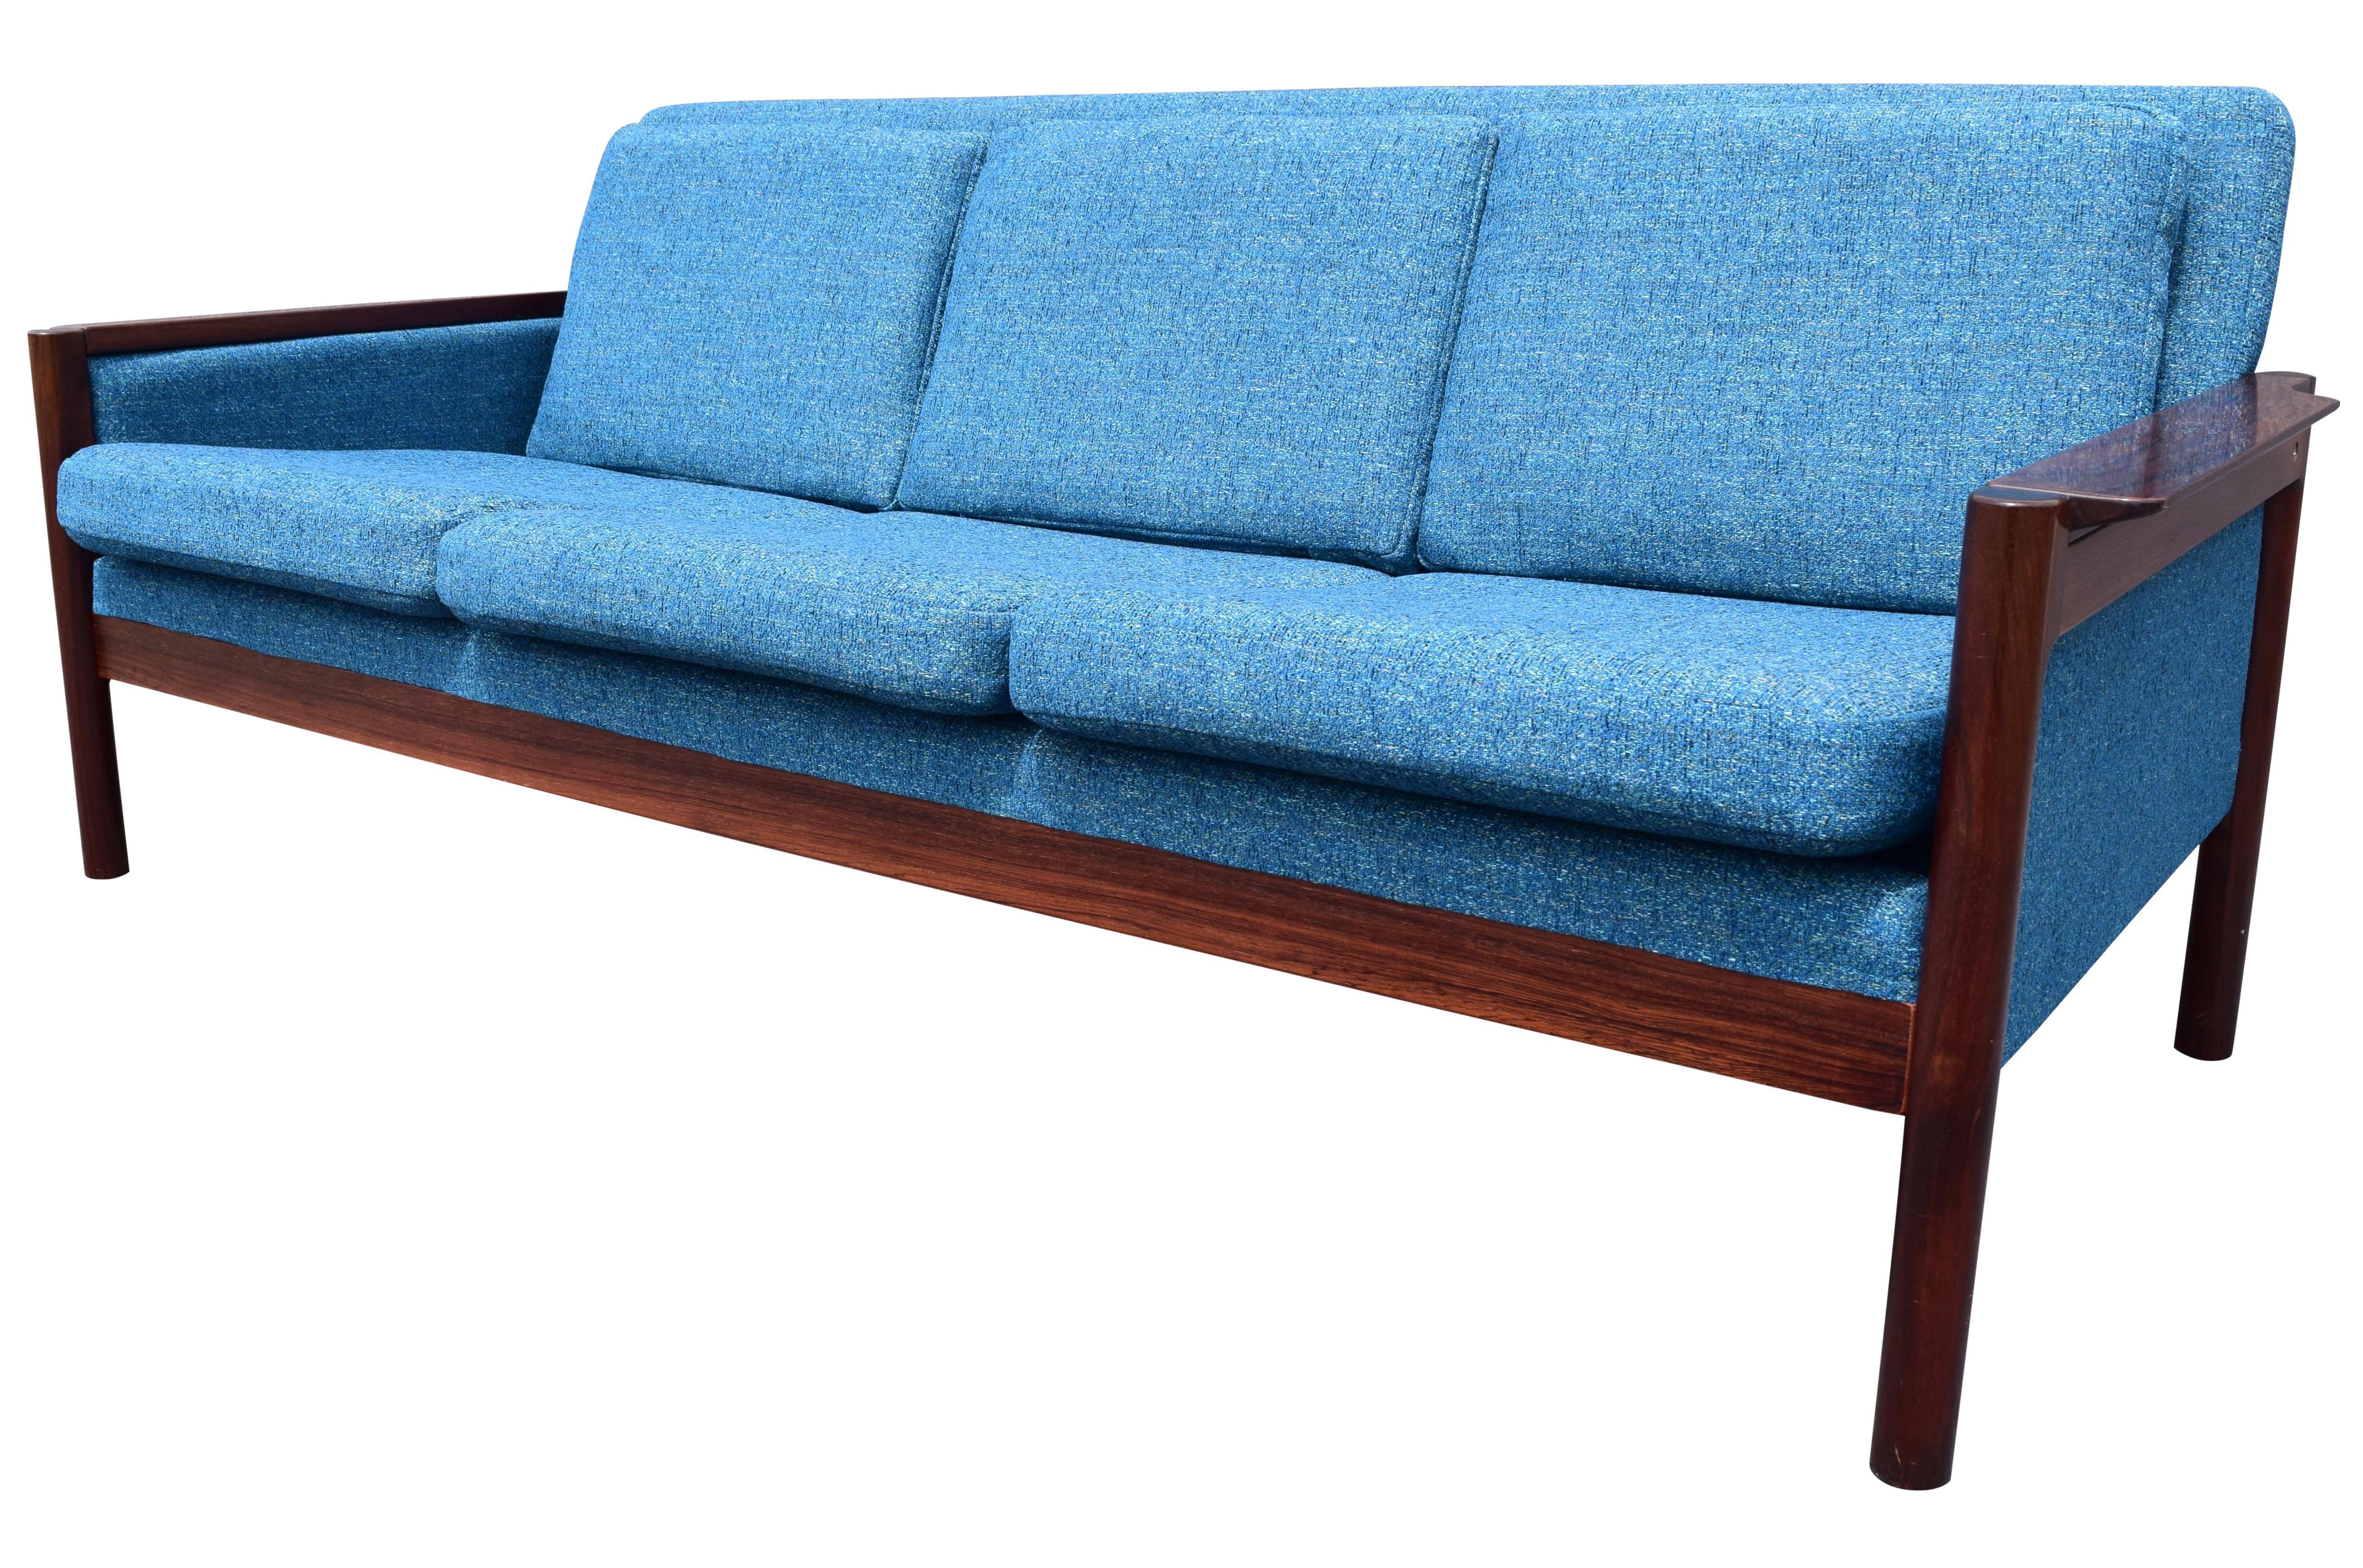 Vintage Danish Mid Century Rosewood Sofa